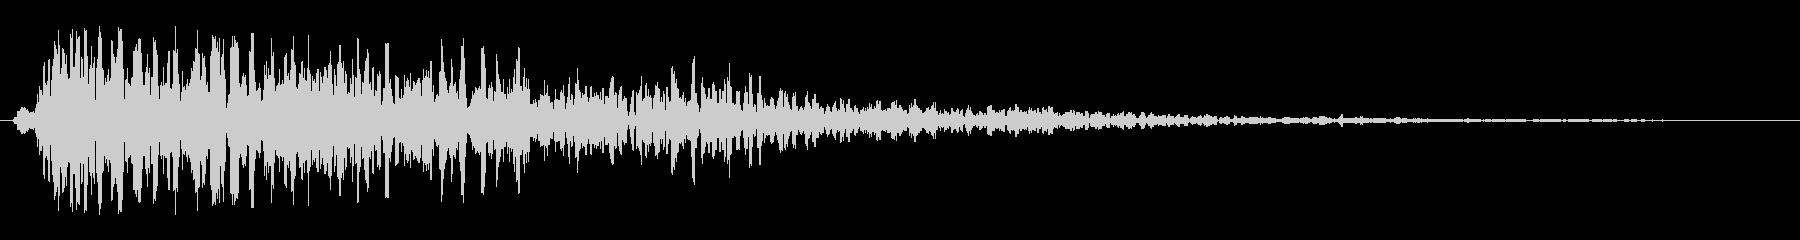 プーン(深刻な場面での心の動きの効果音)の未再生の波形